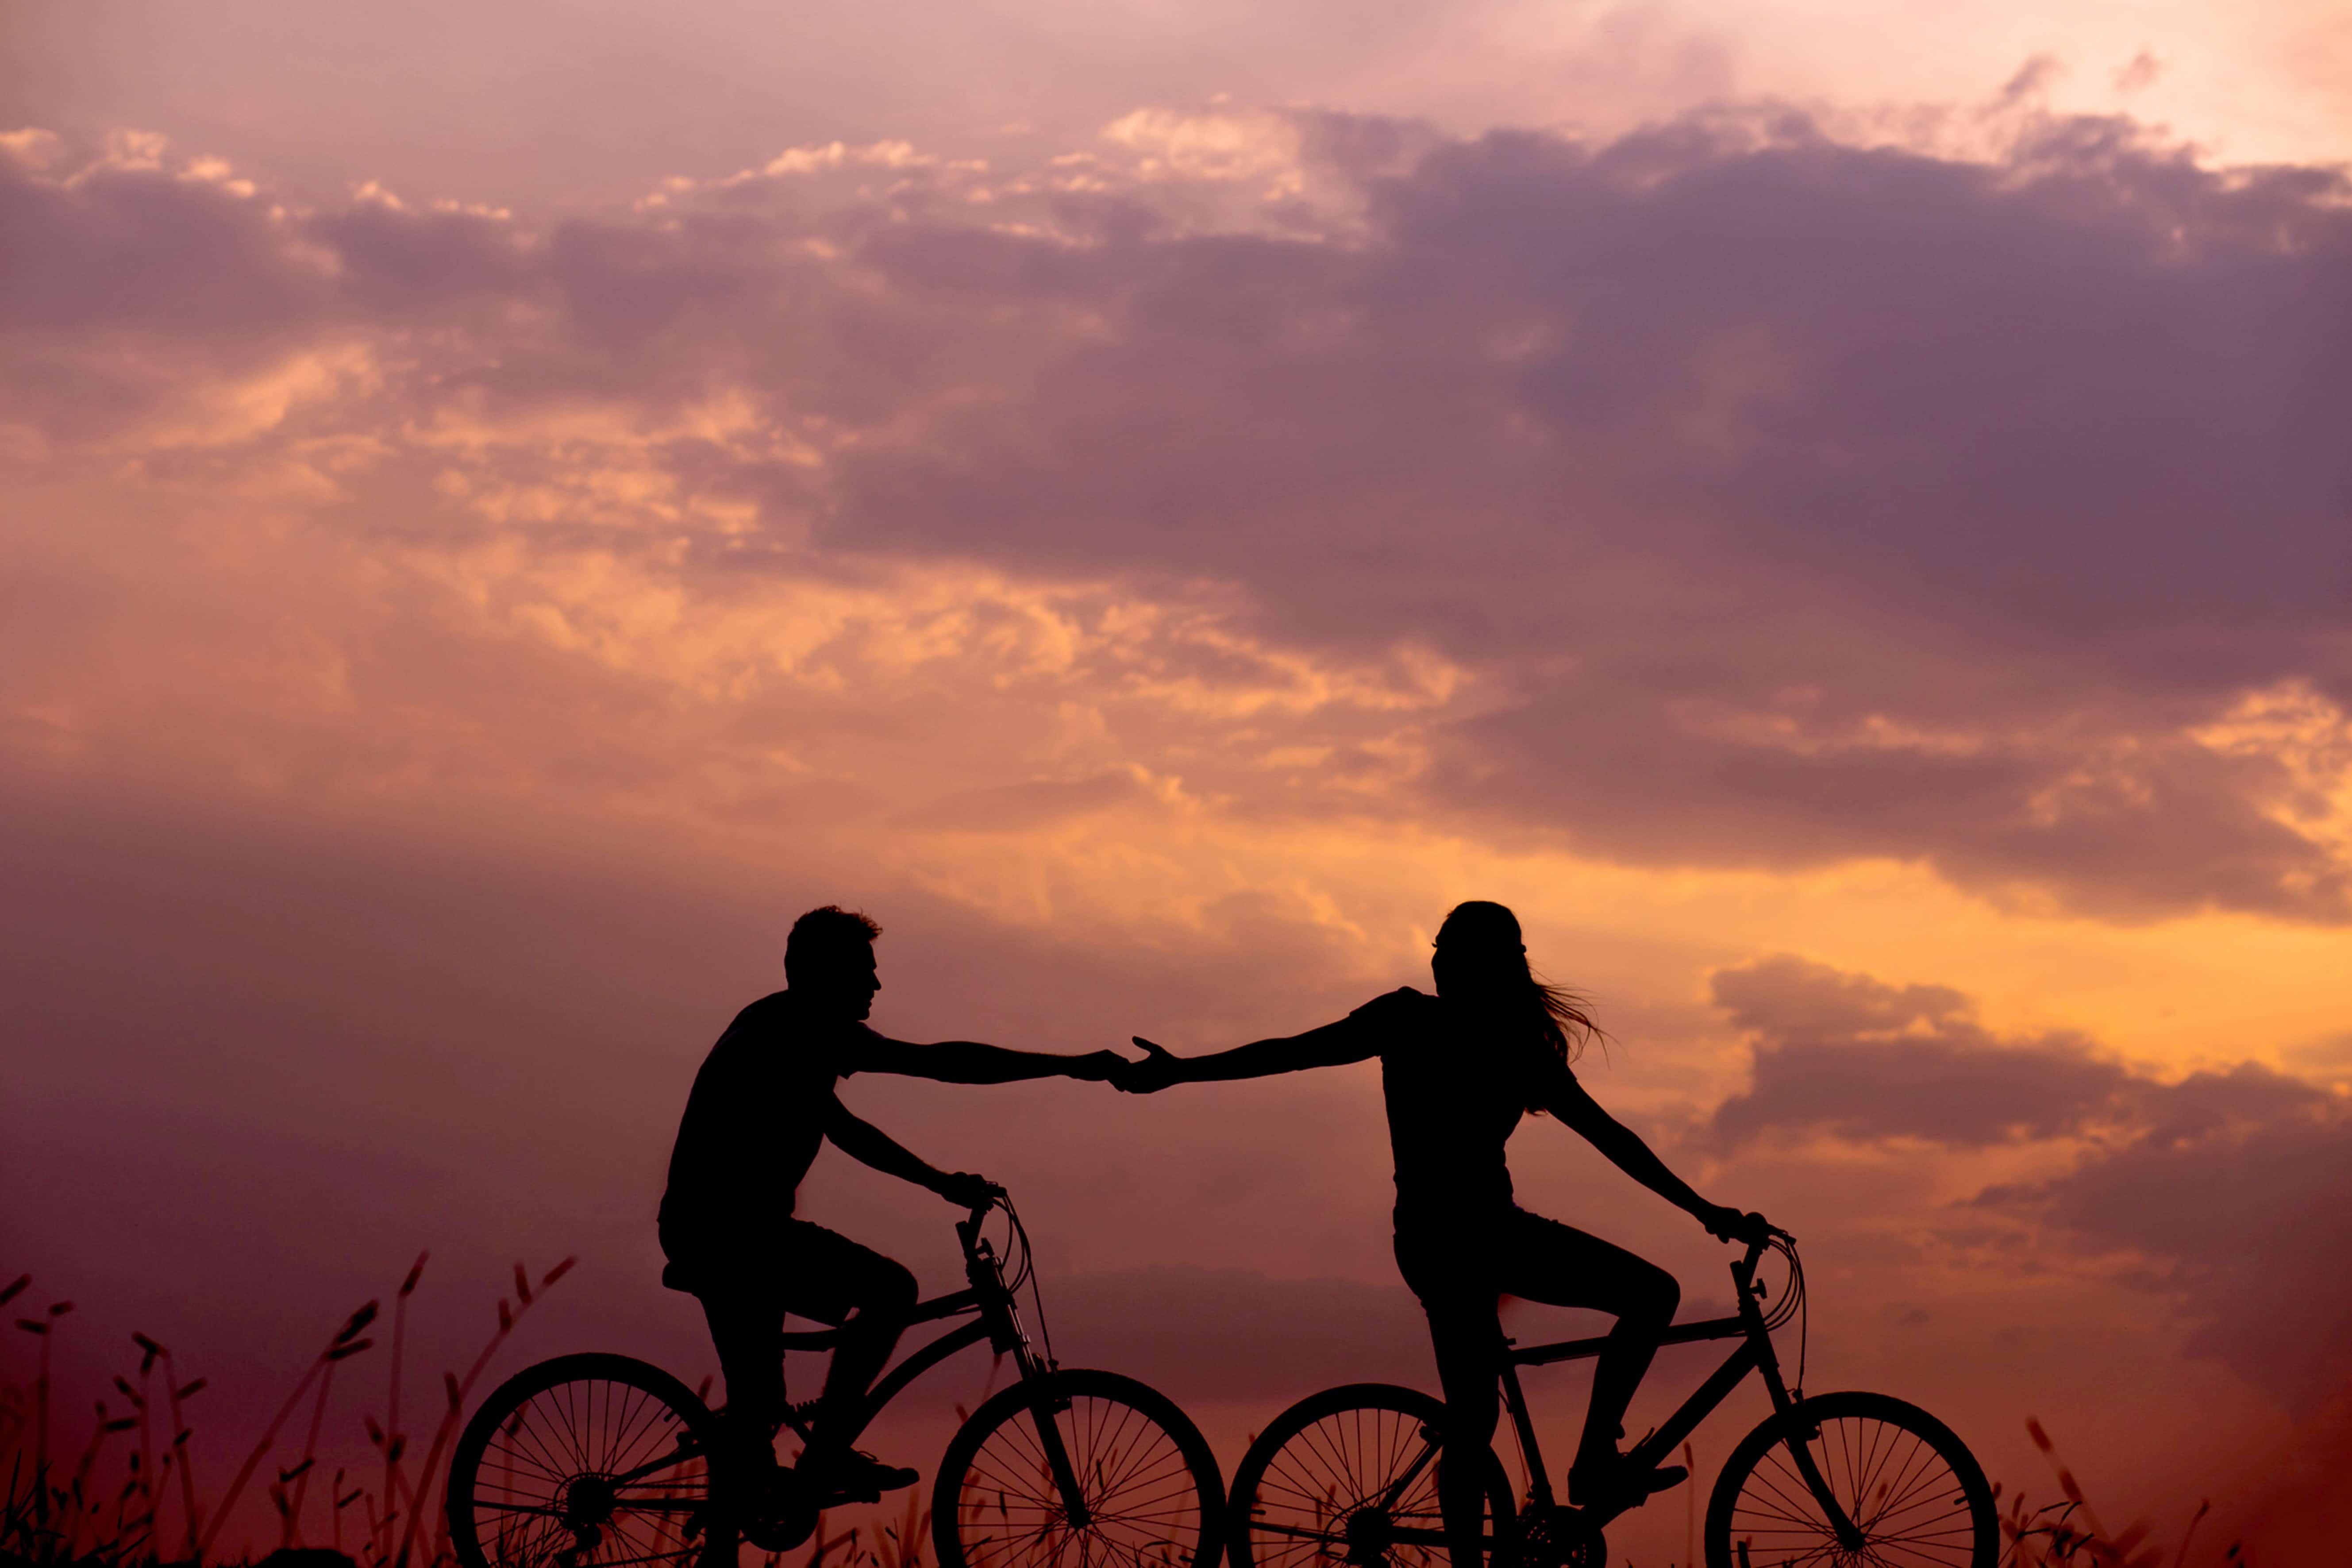 Les cinq meilleurs sites de rencontre pour trouver l'amour durant le confinement 1